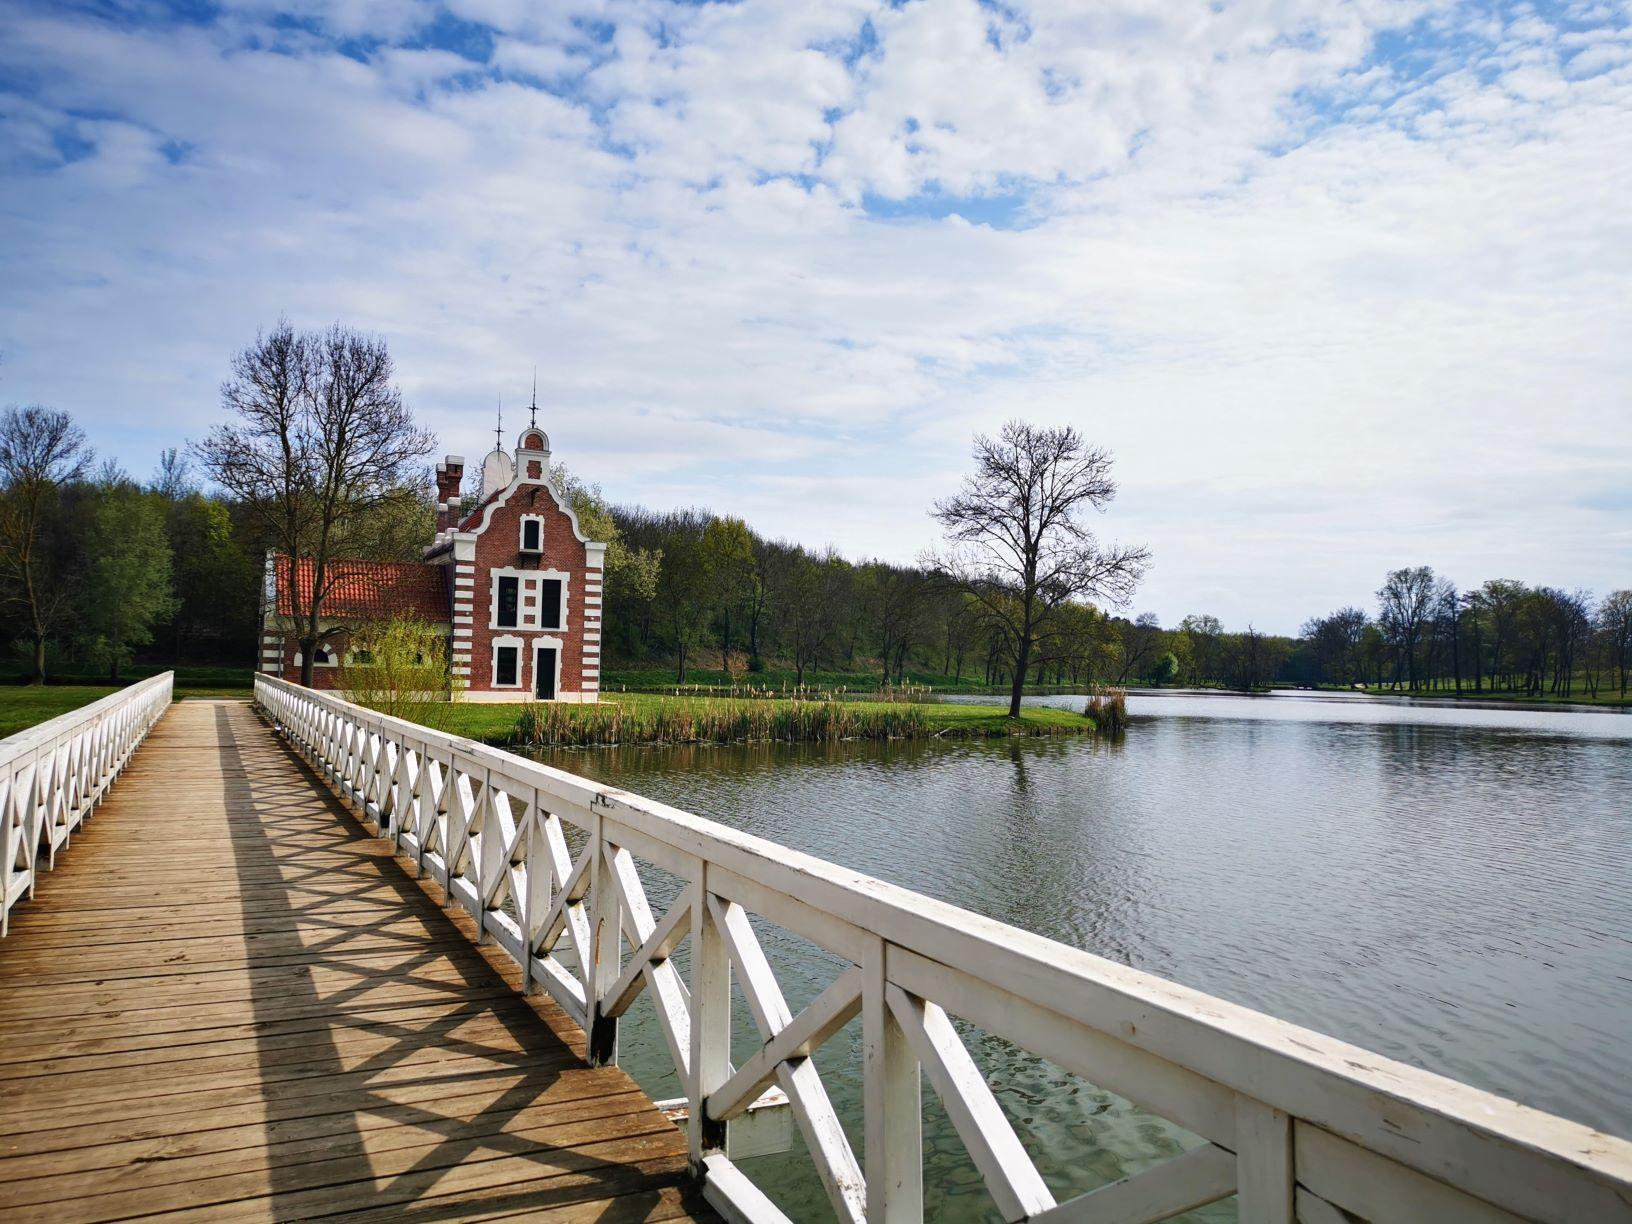 Hollandi-ház Dég kastély park